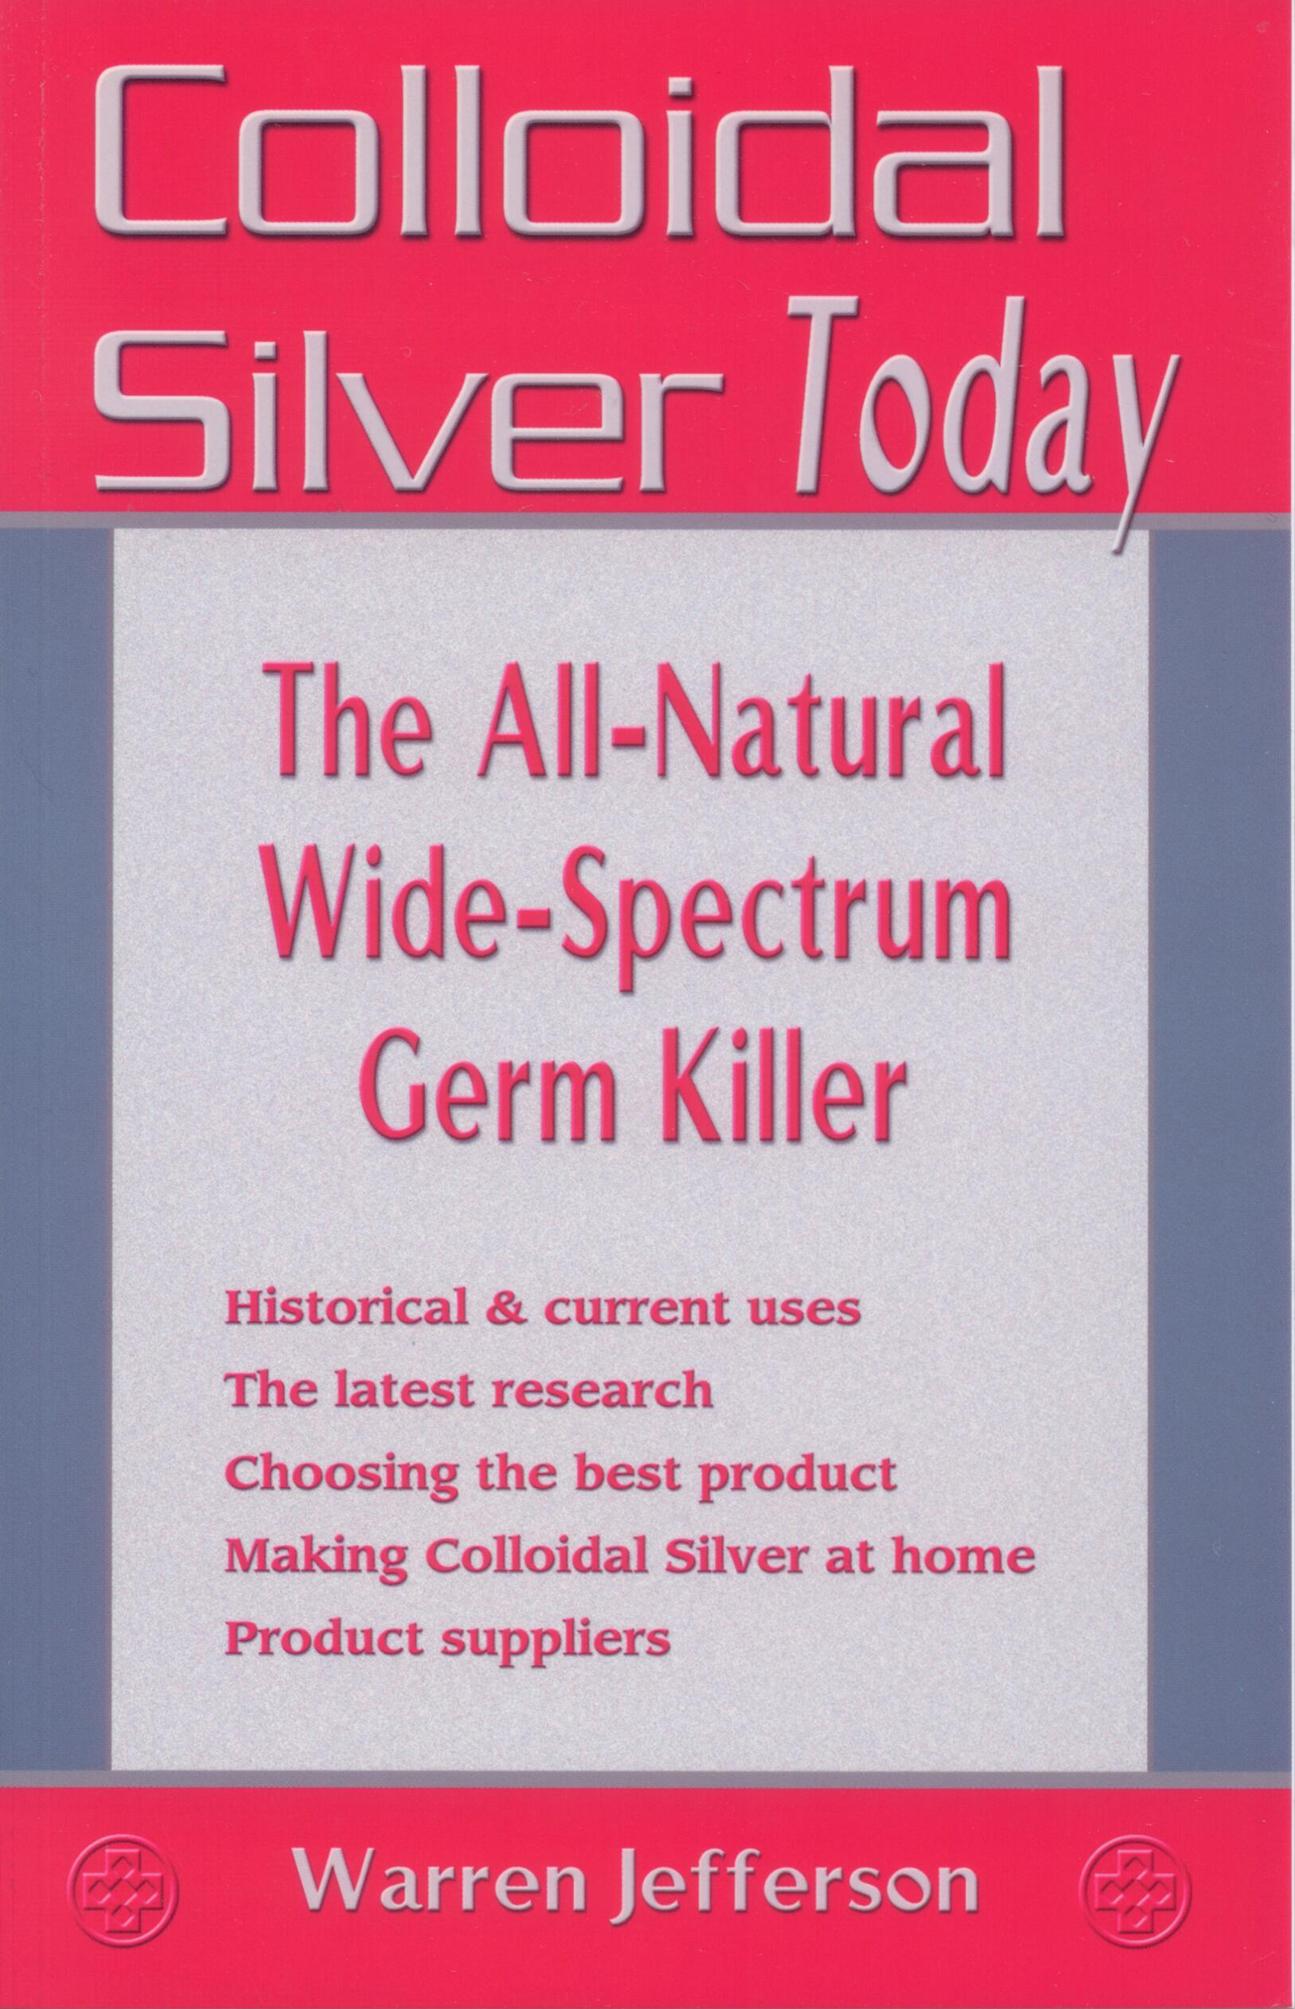 Book - Colloidal Silver Today